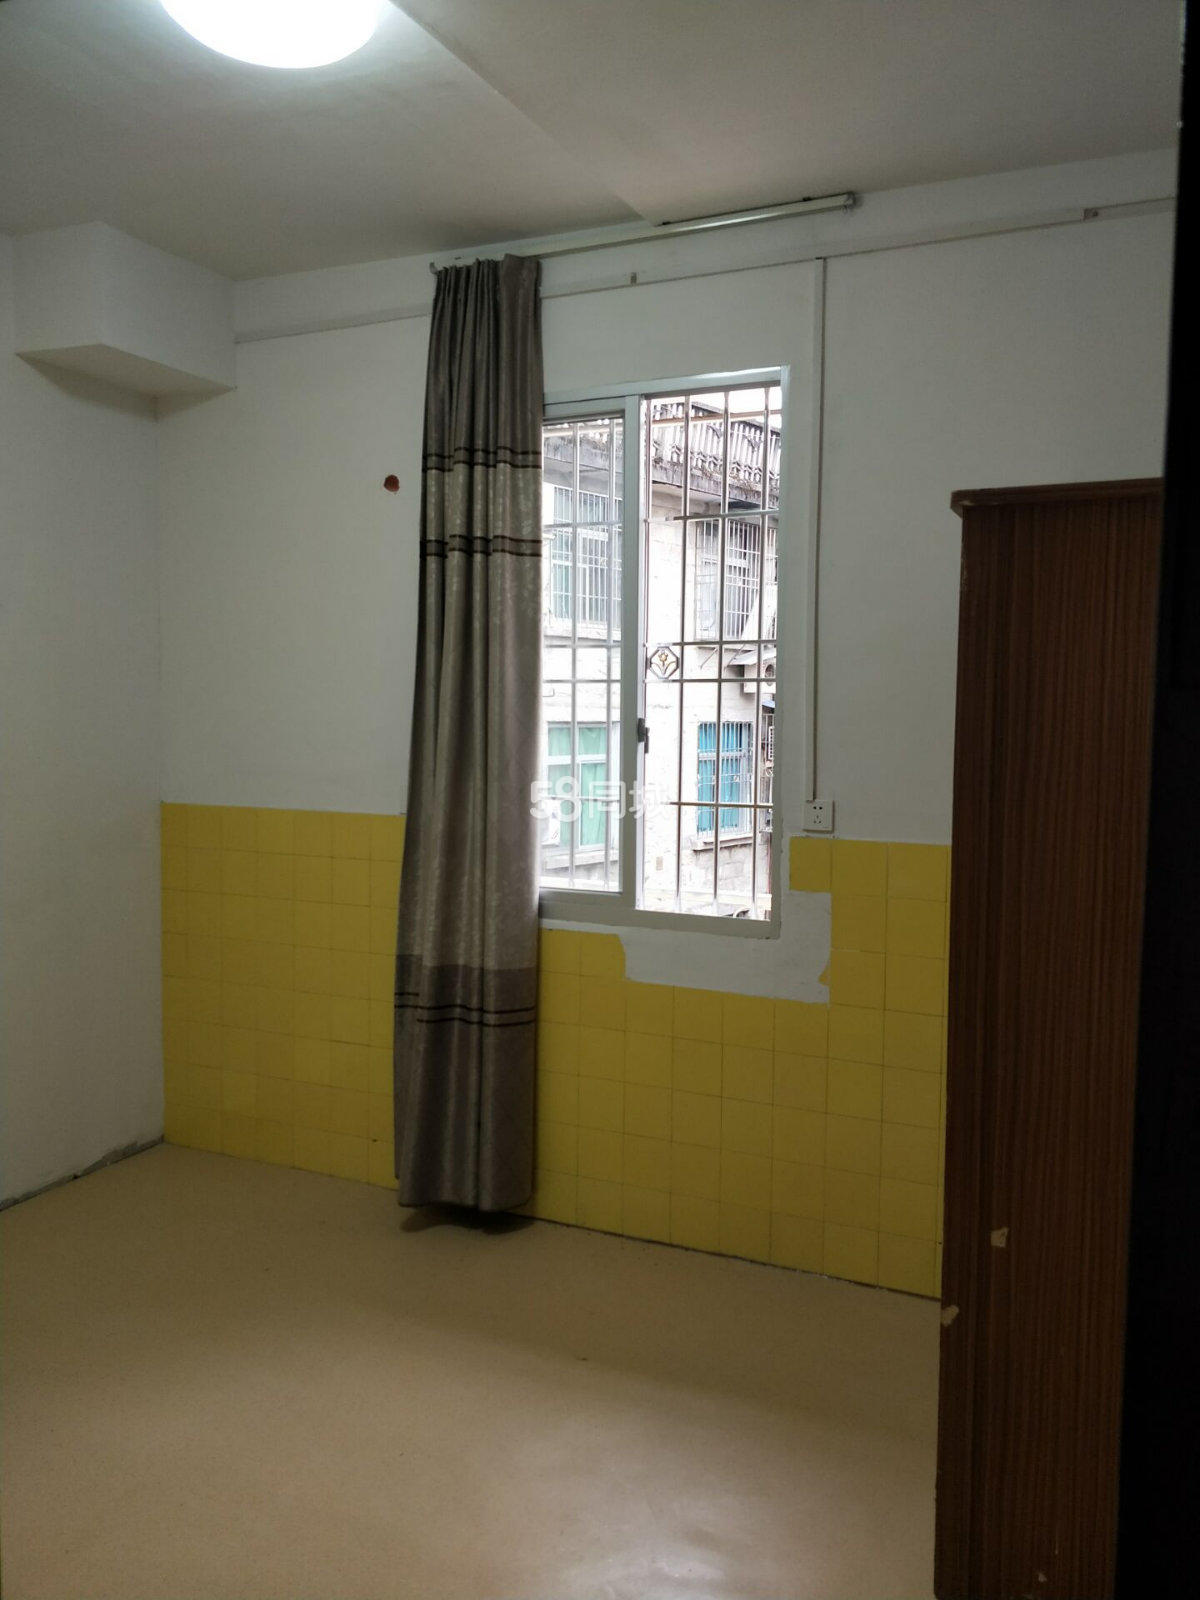 少年宫2室1厅2卫